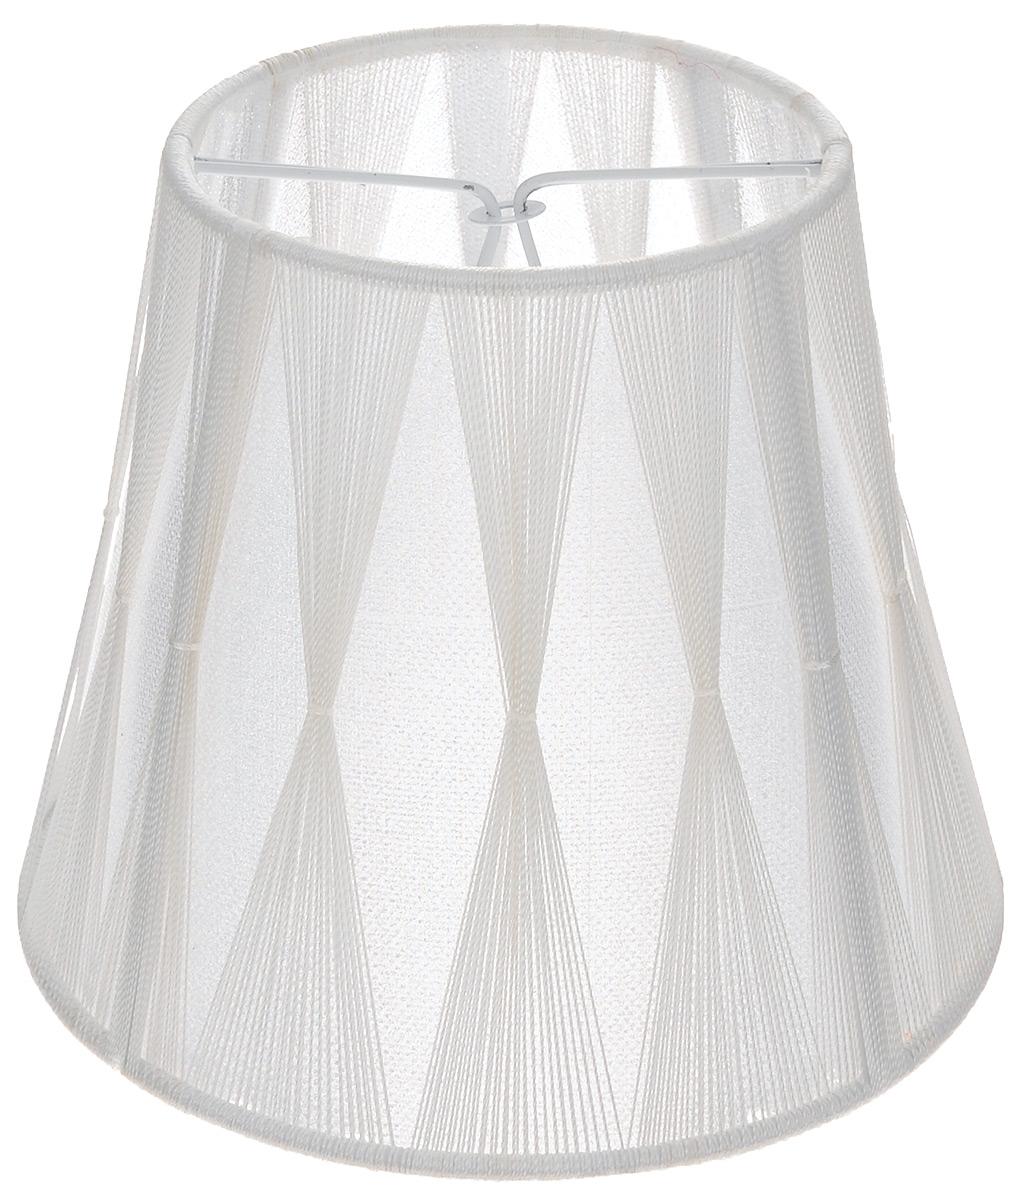 """Стильный абажур на лампу Vitaluce """"Креп"""", выполненный из металла, шелковых нитей и полиэстера, украсит ваш дом и защитит от яркого света лампы. Диаметр абажура (по верхнему краю): 9 см.  Диаметр абажура (по нижнему краю): 14 см.  Высота абажура: 12 см."""